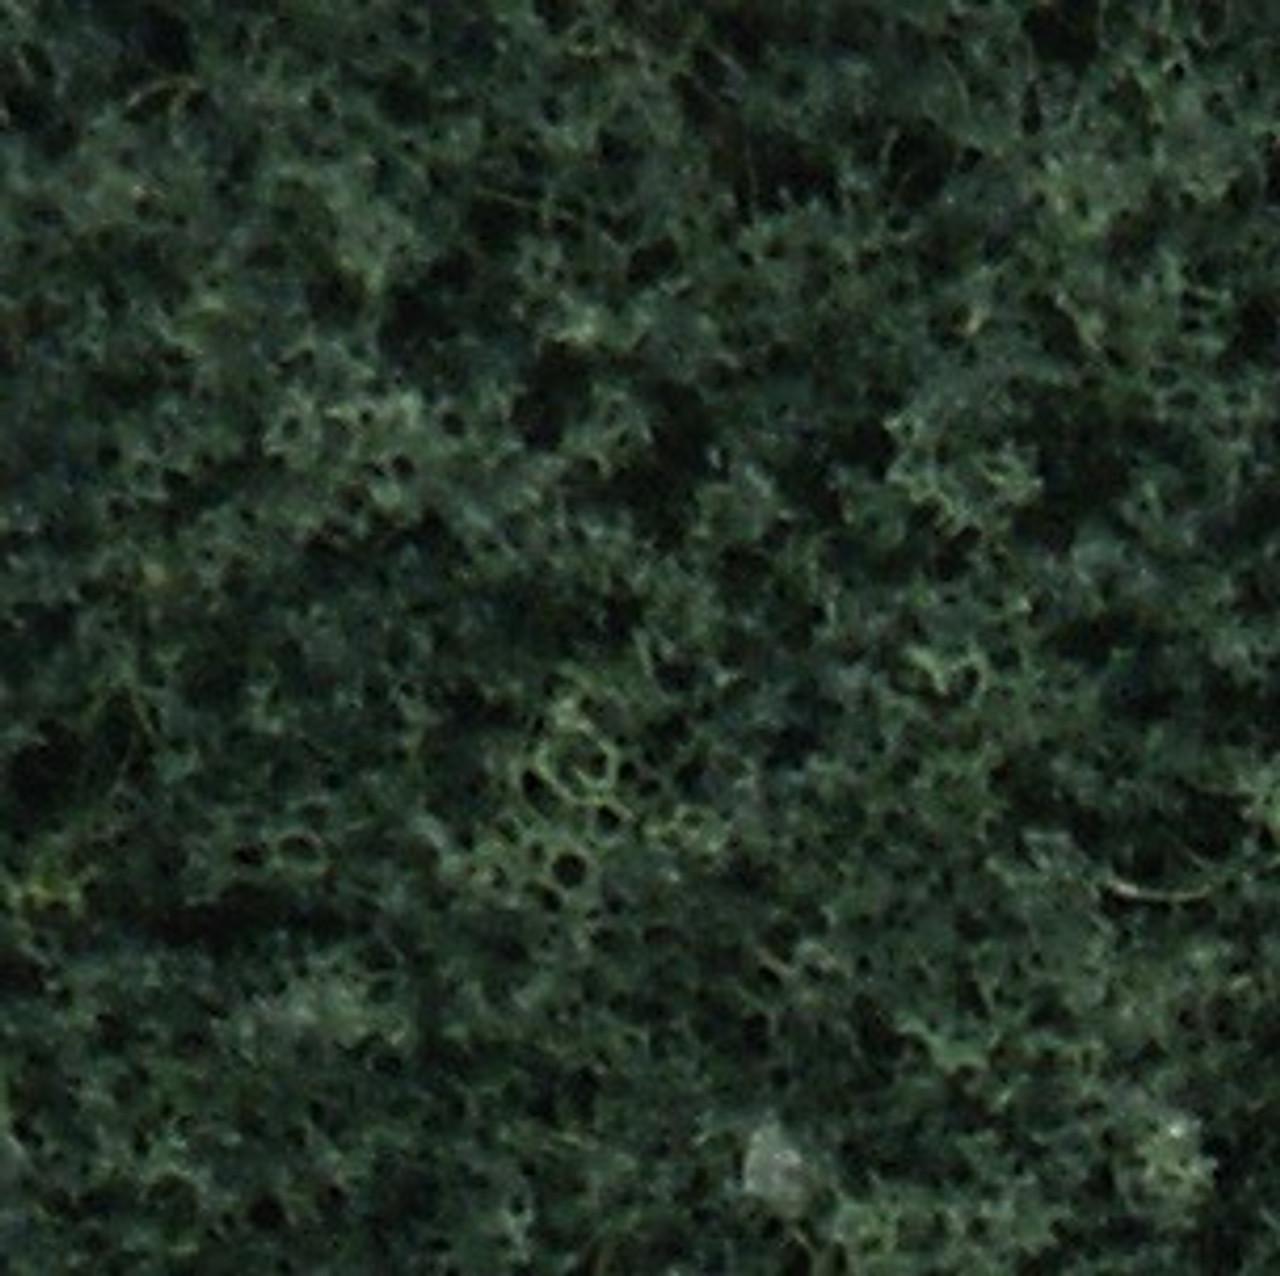 Foliage Dark Green F53 WOOF53 WOO Woodland Scenics